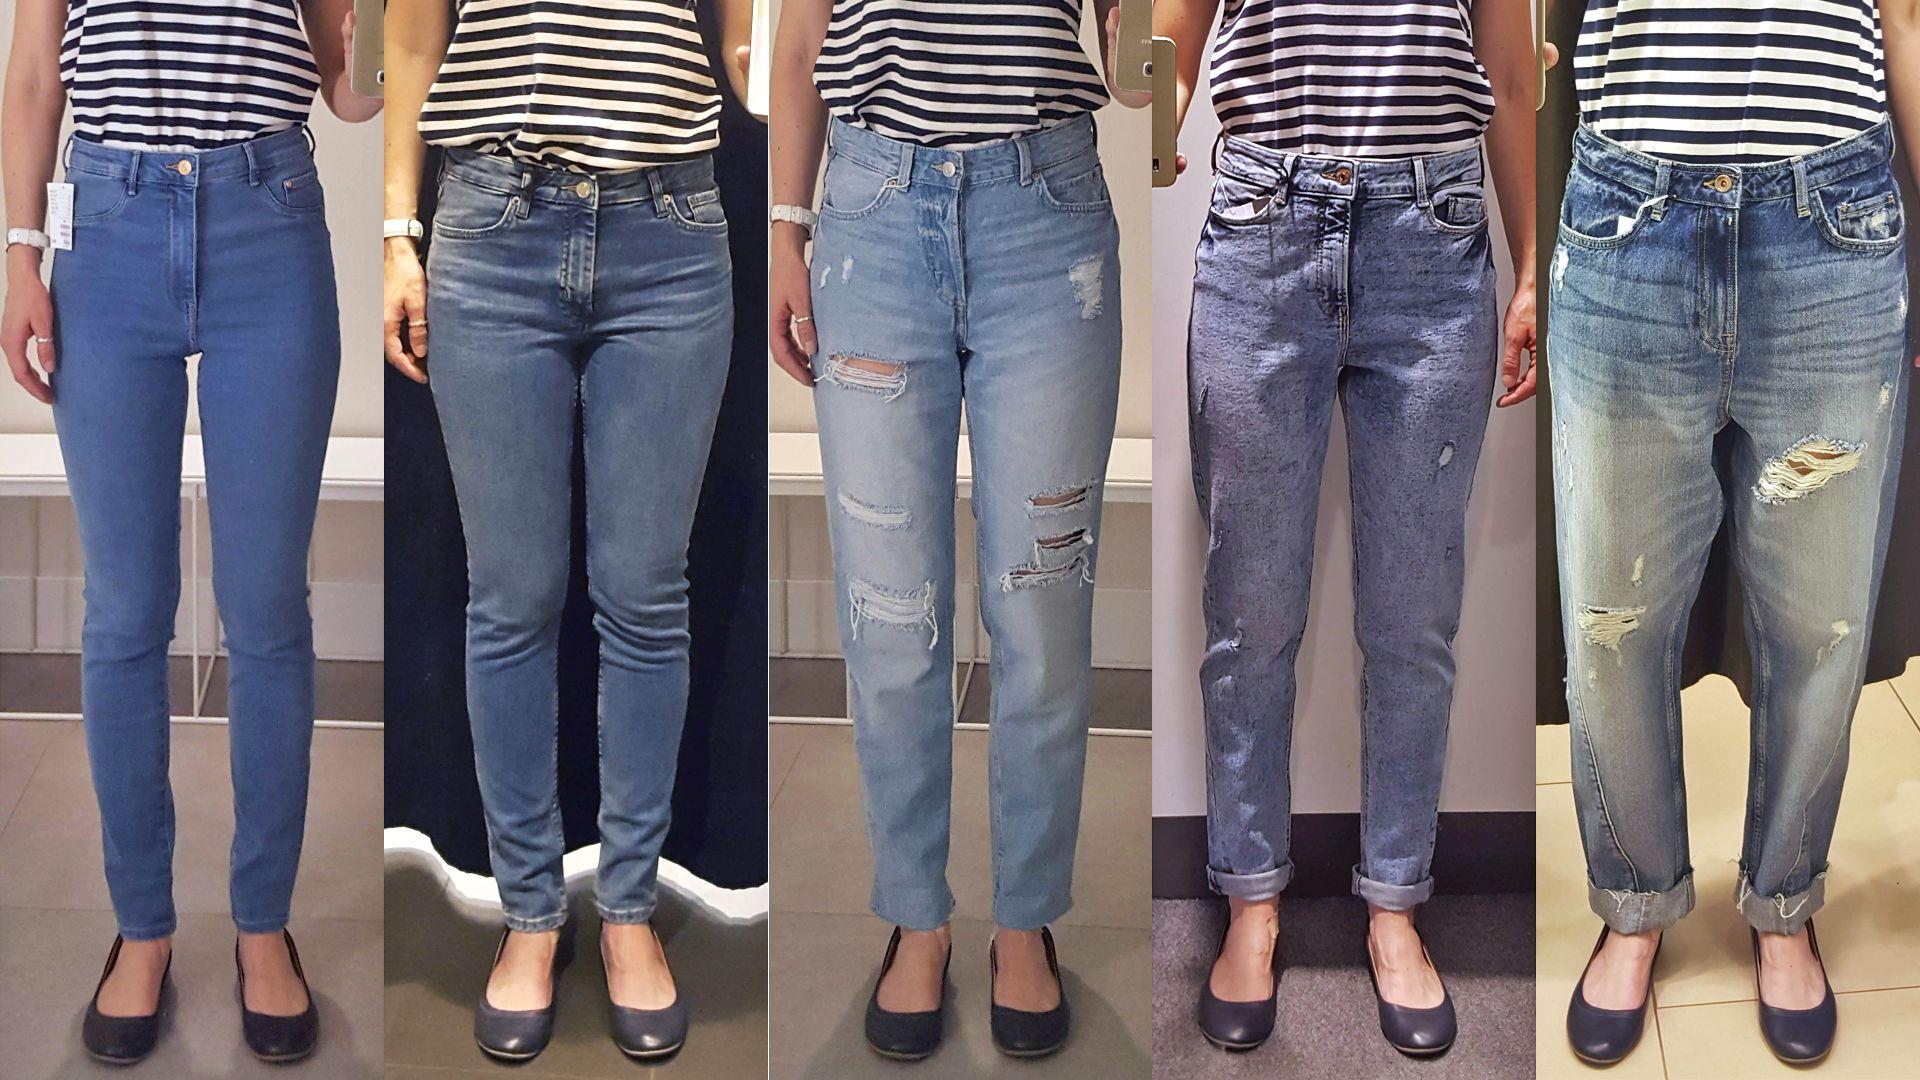 501 Best Jeans images in 2020 | Lányok, Divat, Női divat